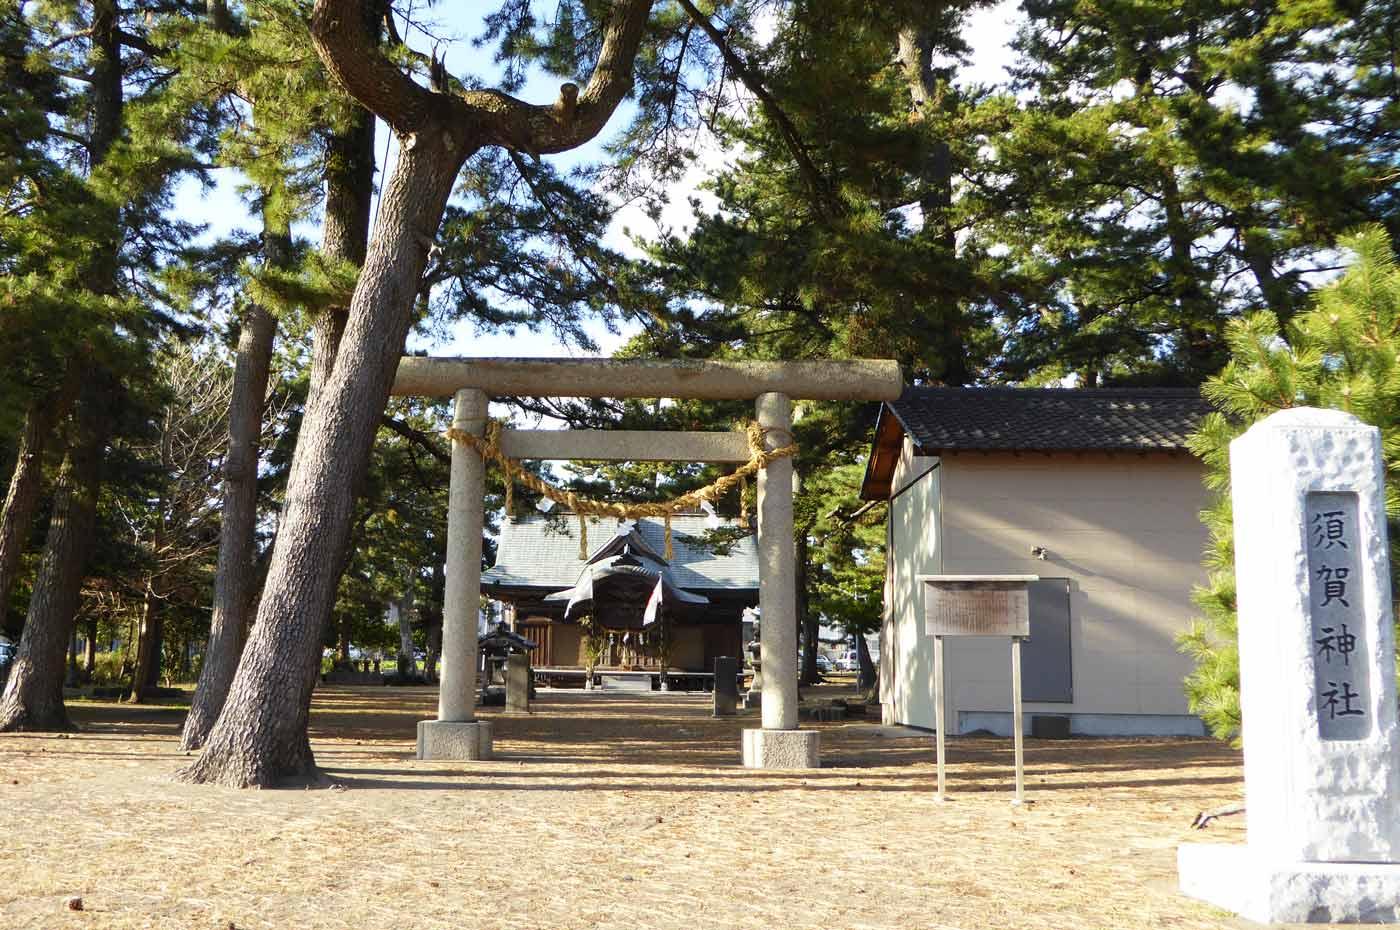 須賀神社境内と本殿の画像